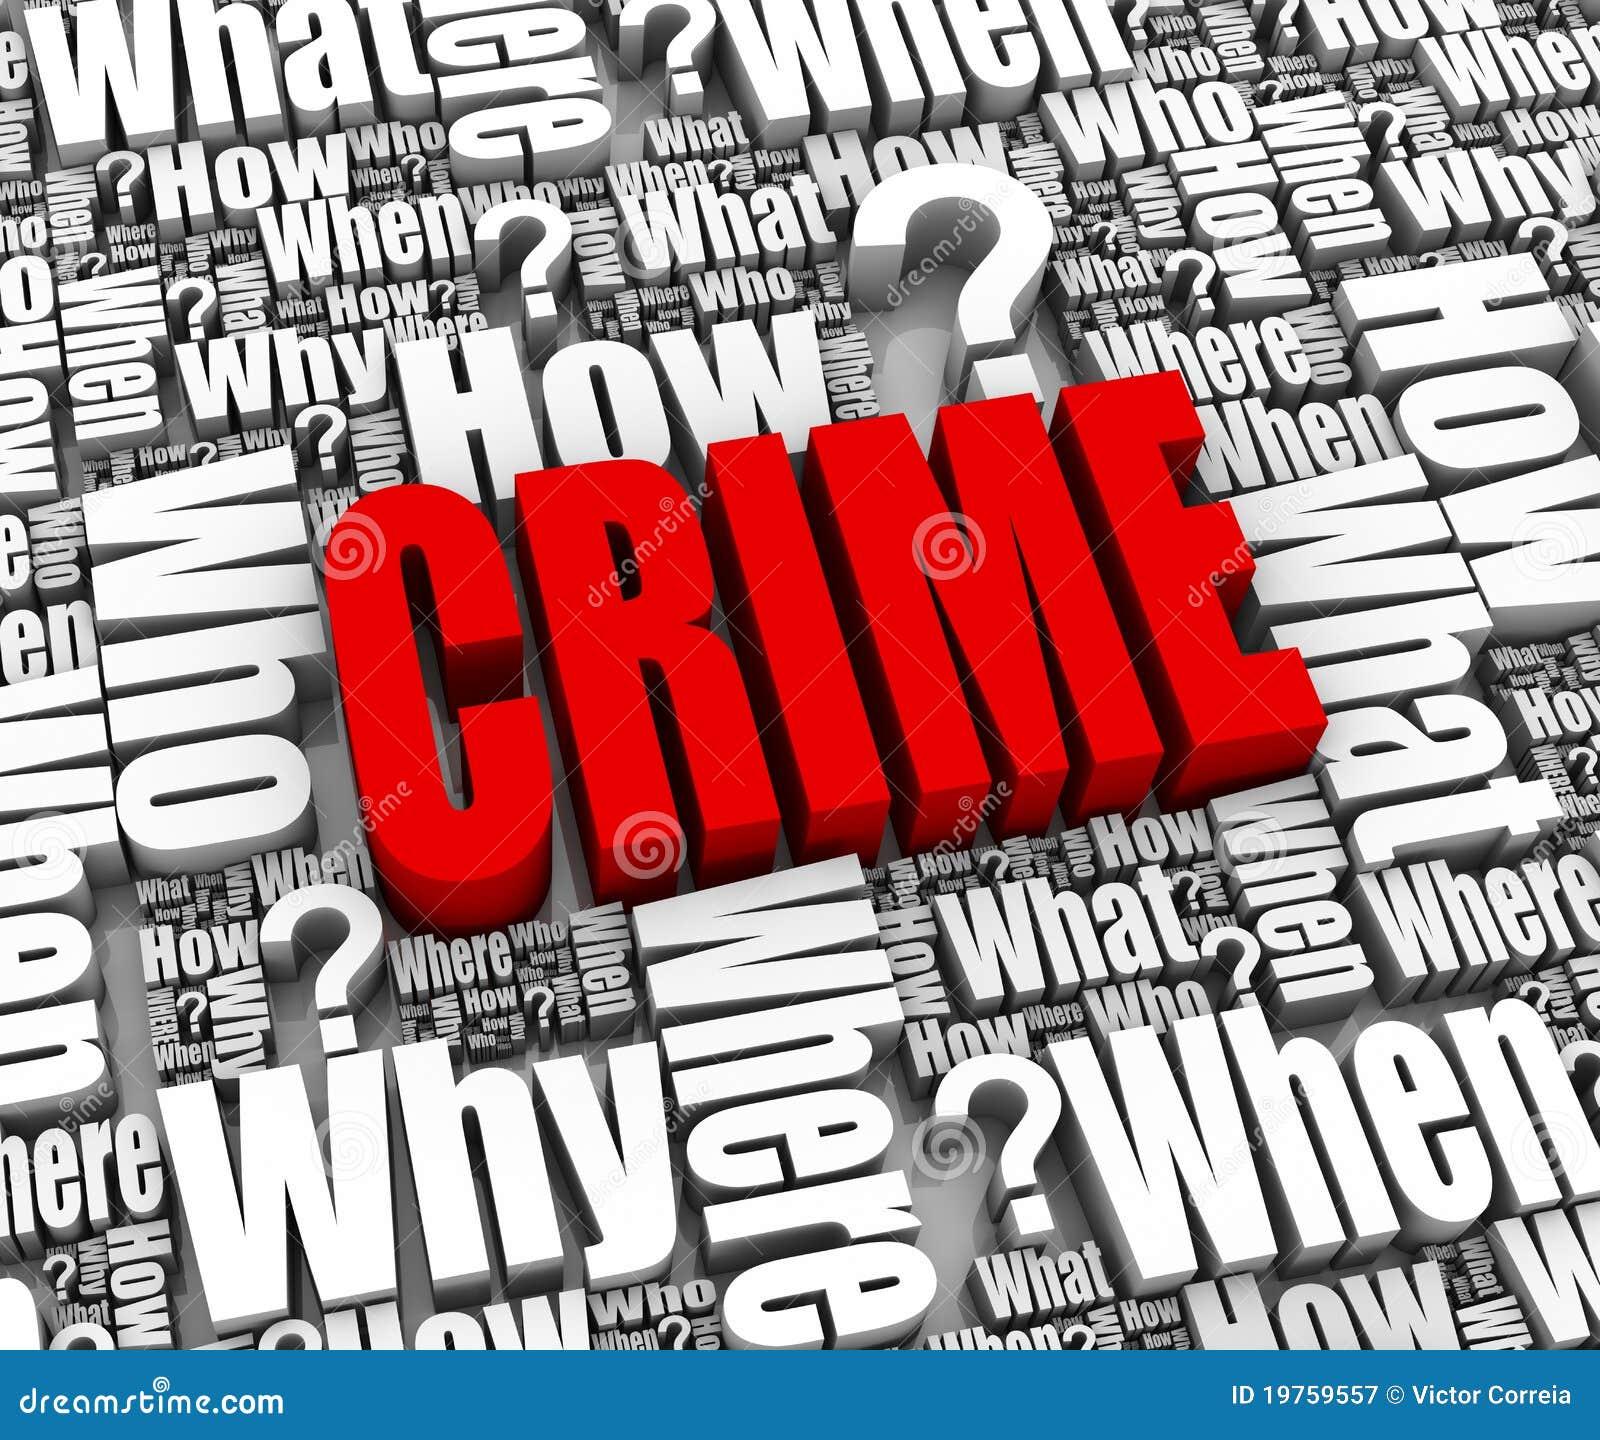 Verbrechen